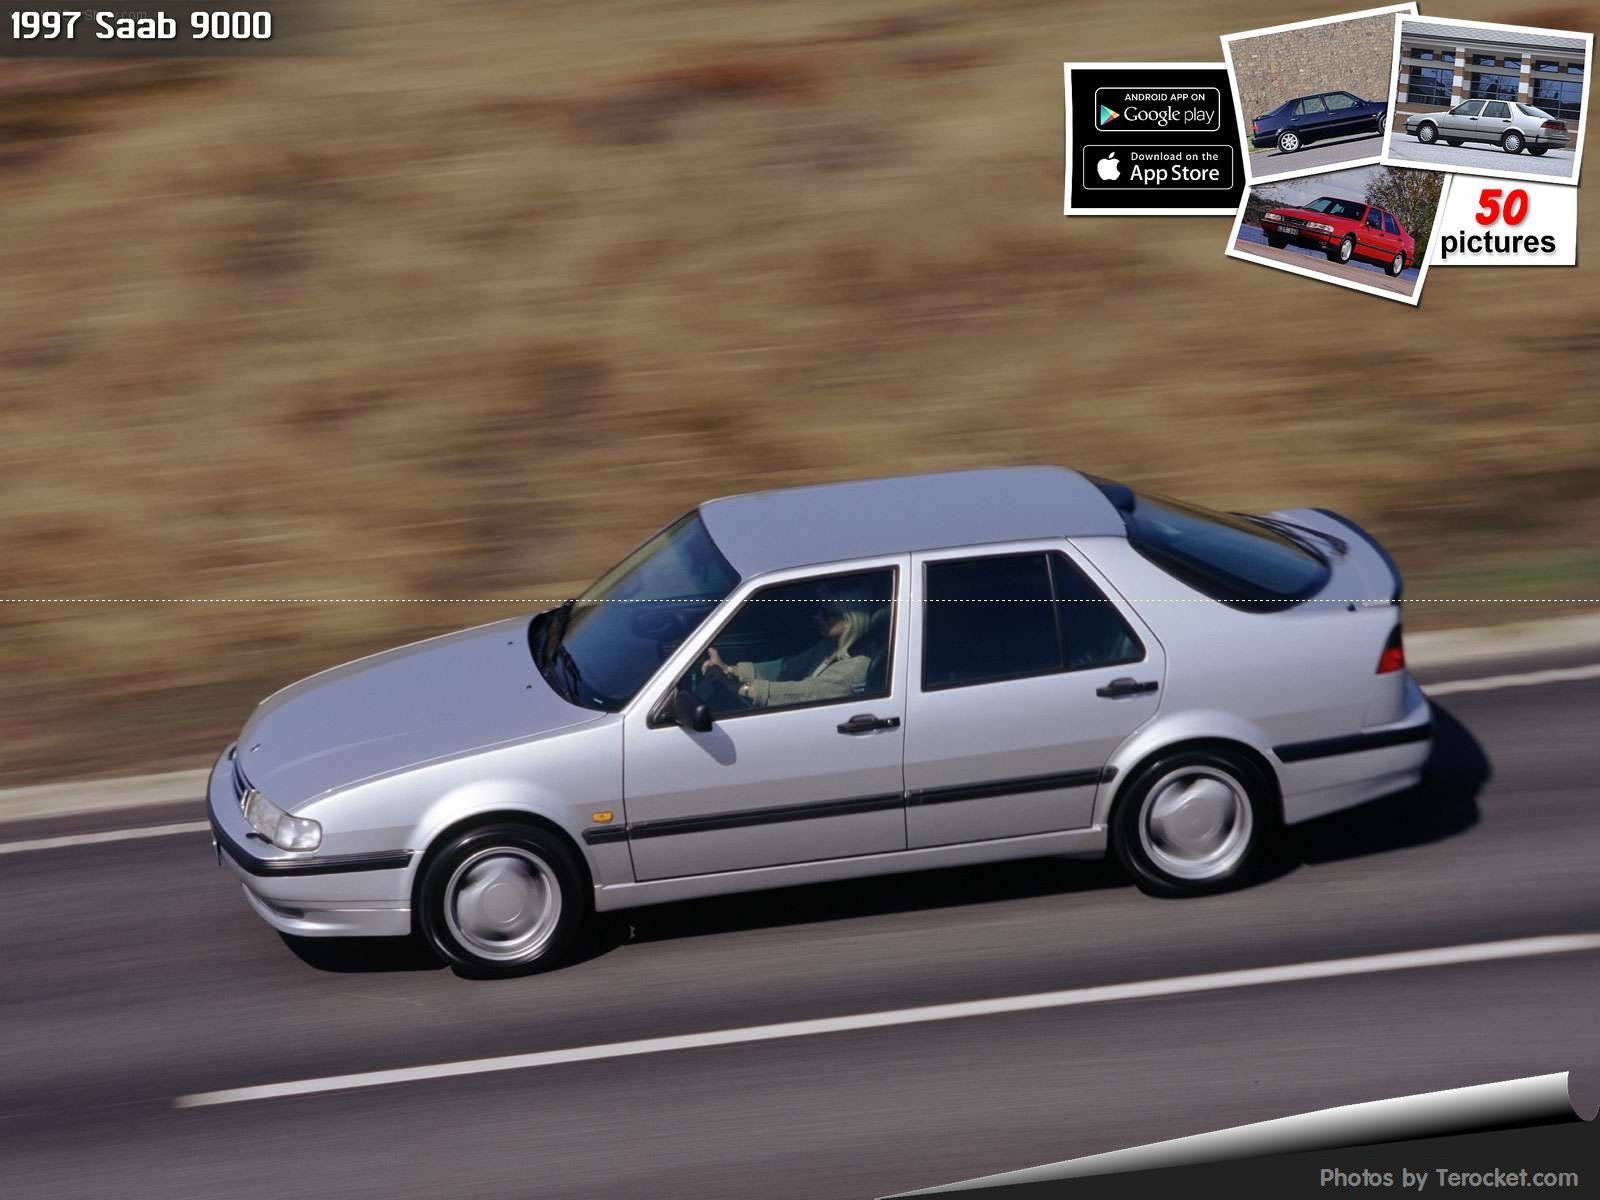 Hình ảnh xe ô tô Saab 900 1997 & nội ngoại thất